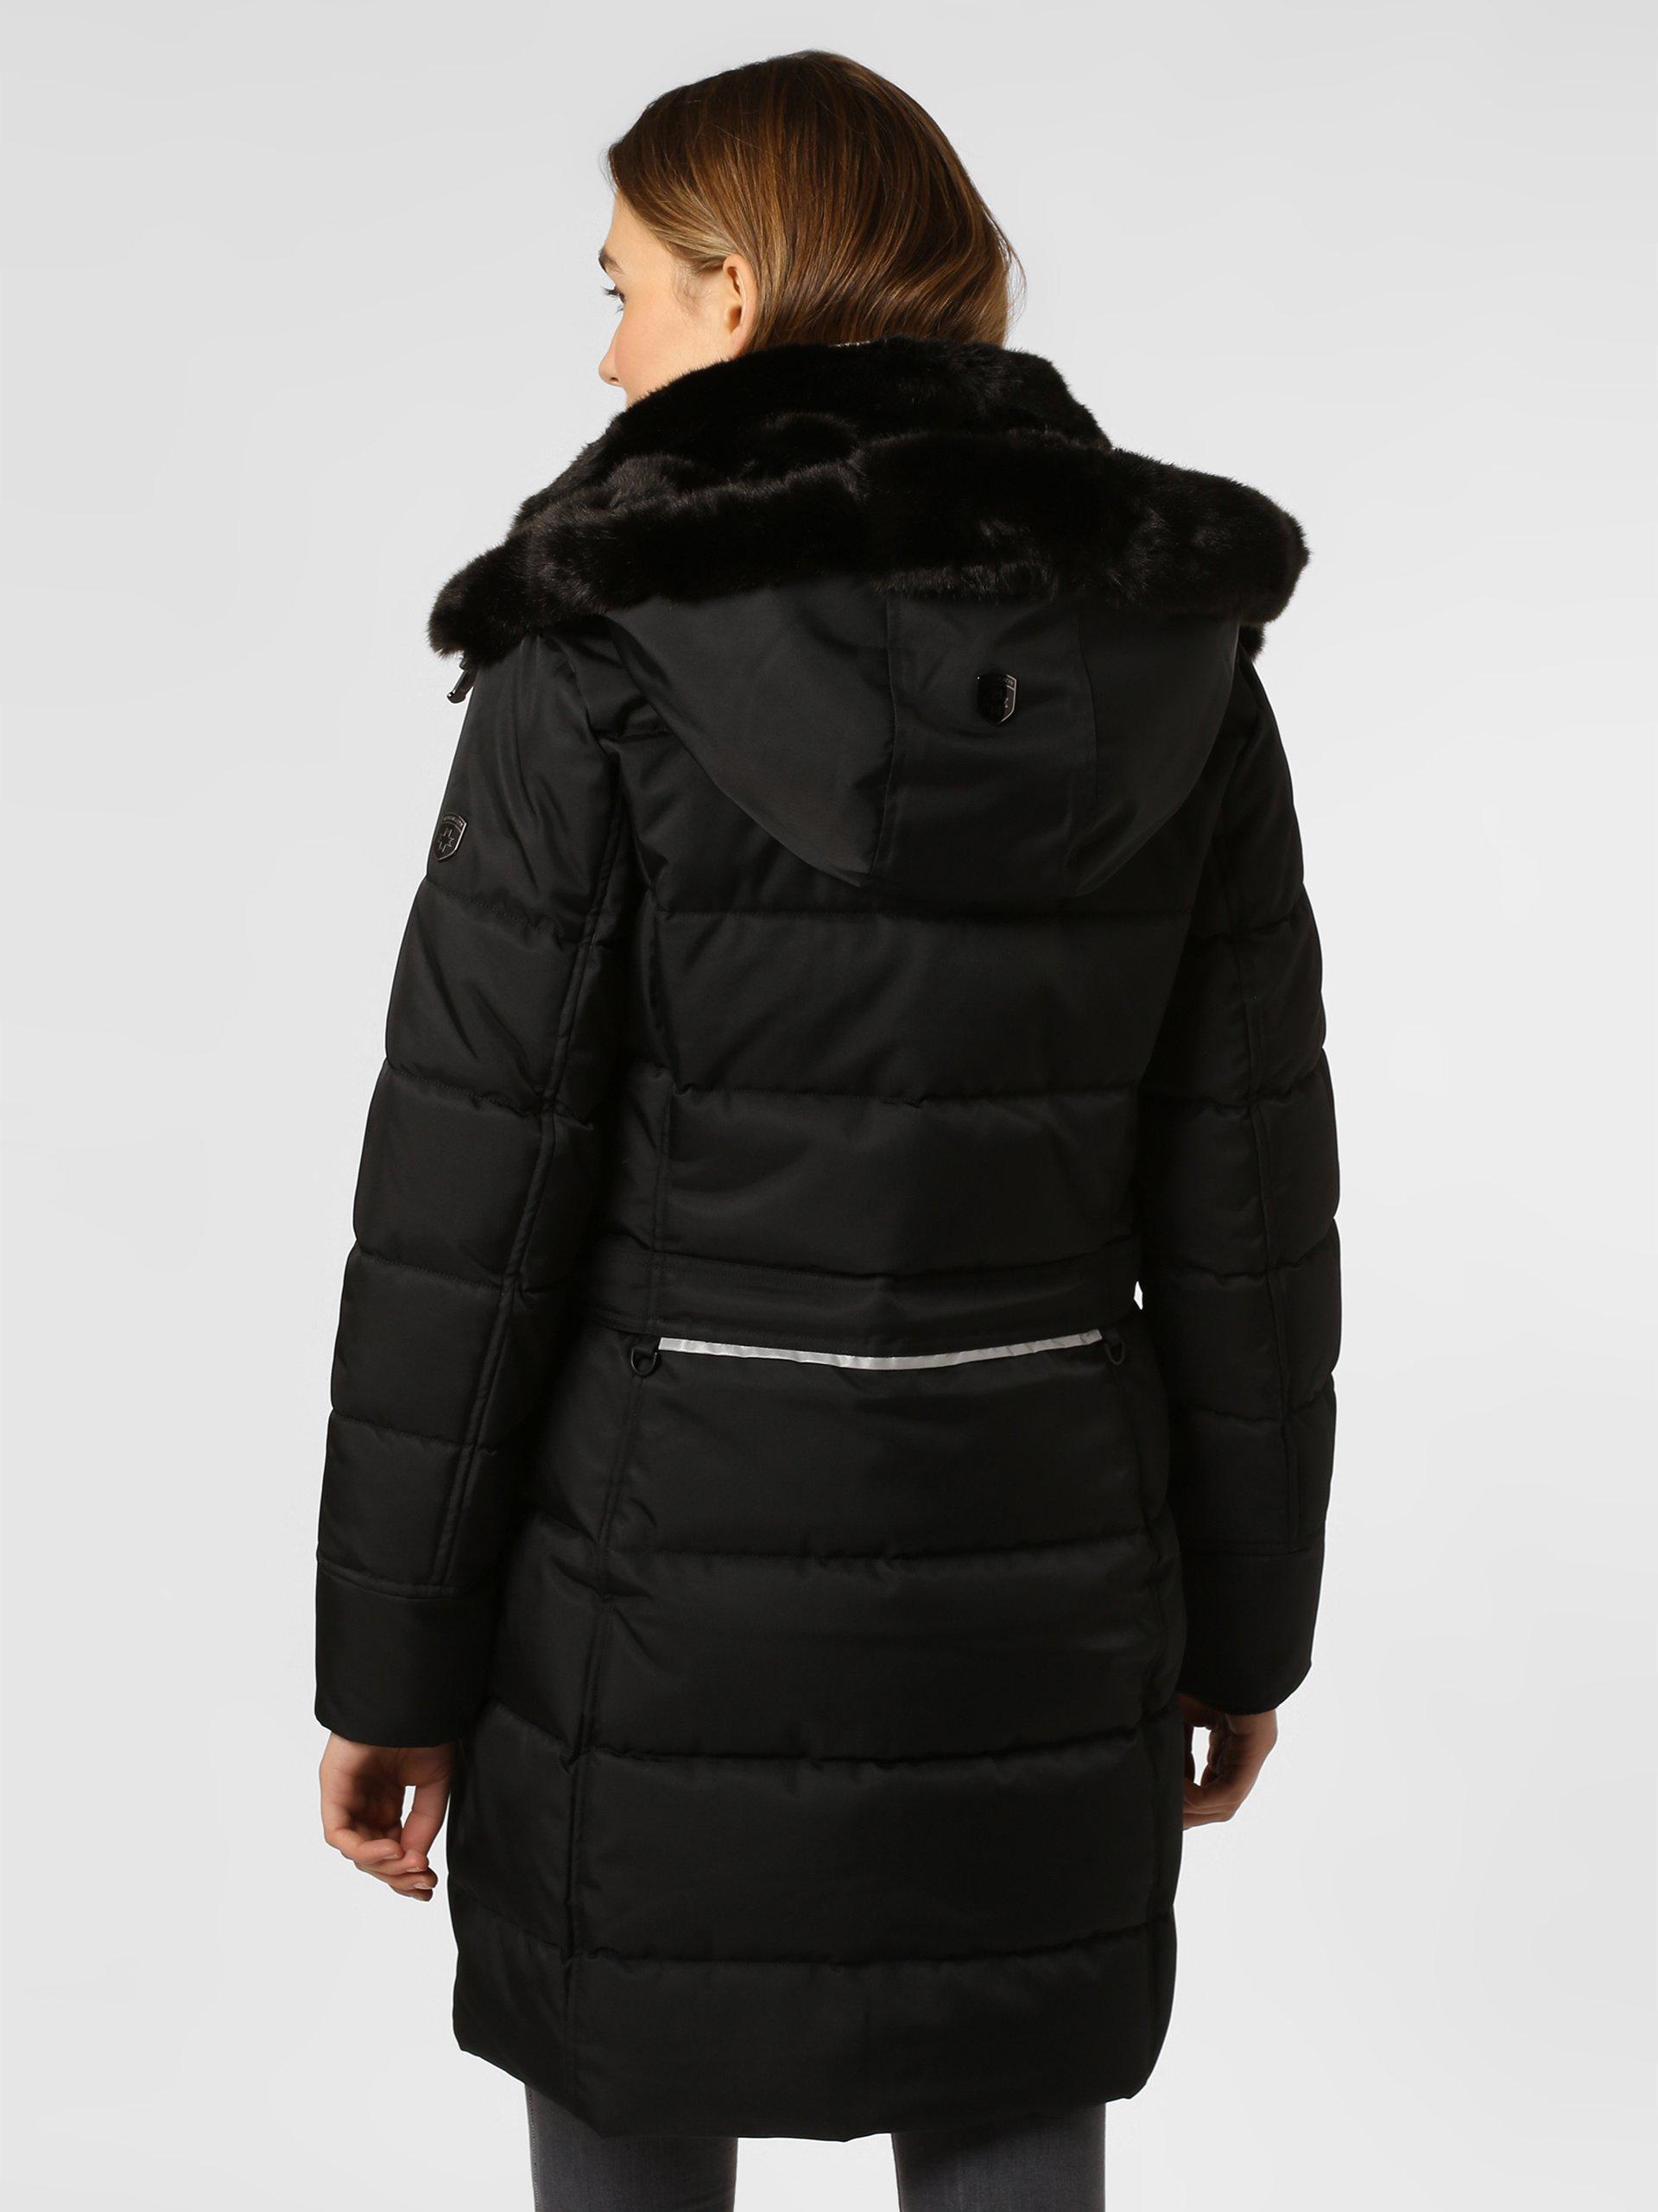 Wellensteyn Damski płaszcz funkcyjny – Kitzbühel Women